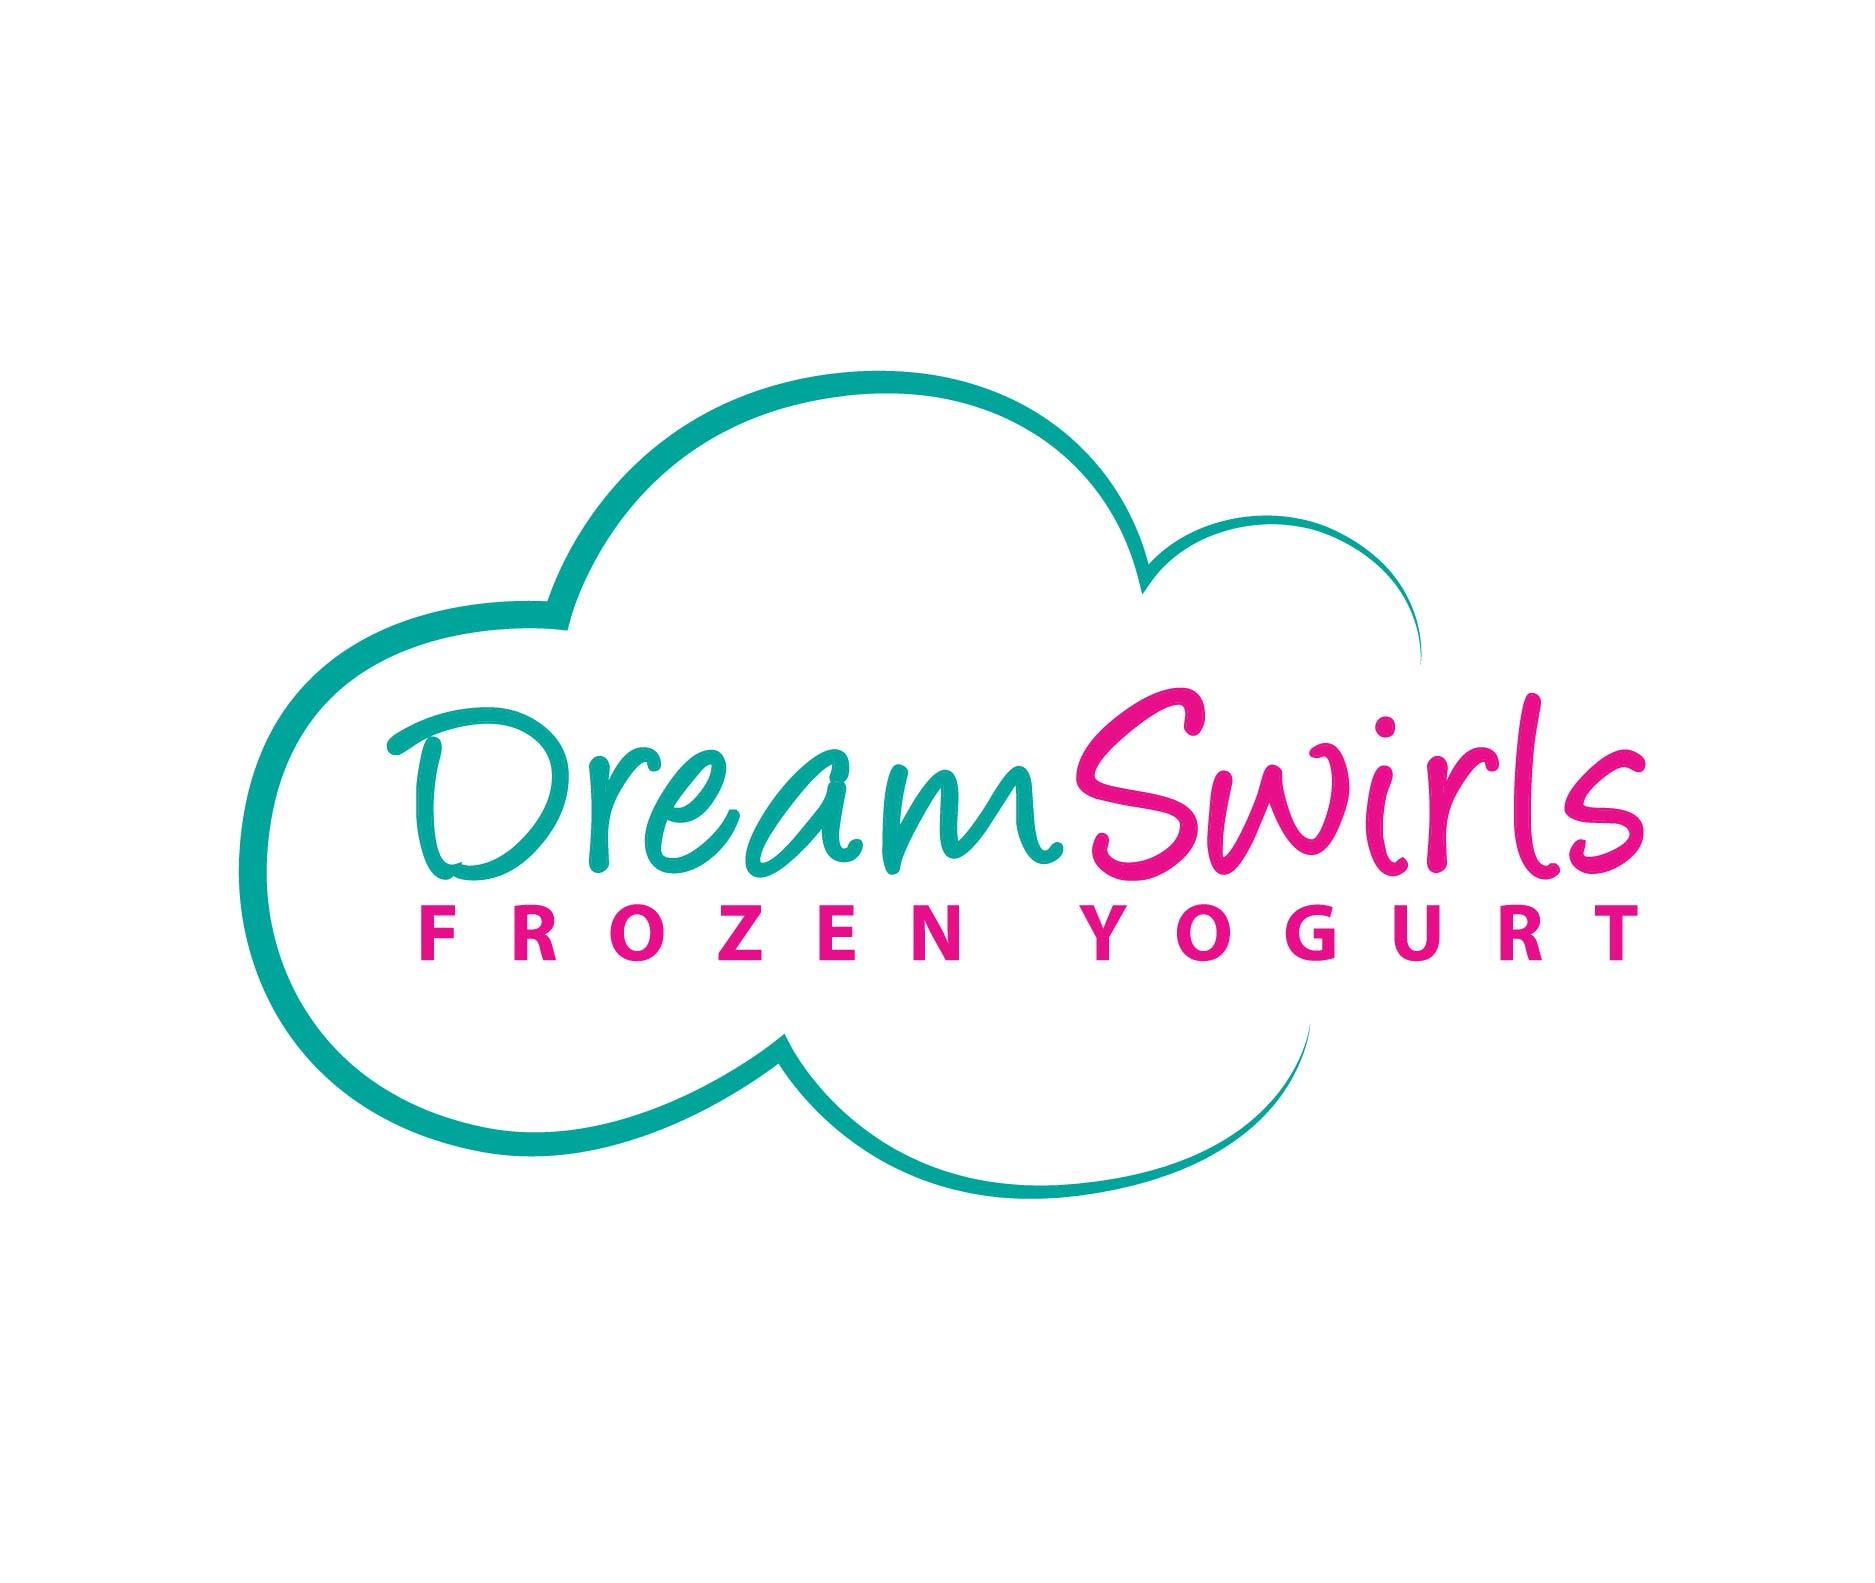 Swirls Yogurt Dream Swirls Frozen Yogurt